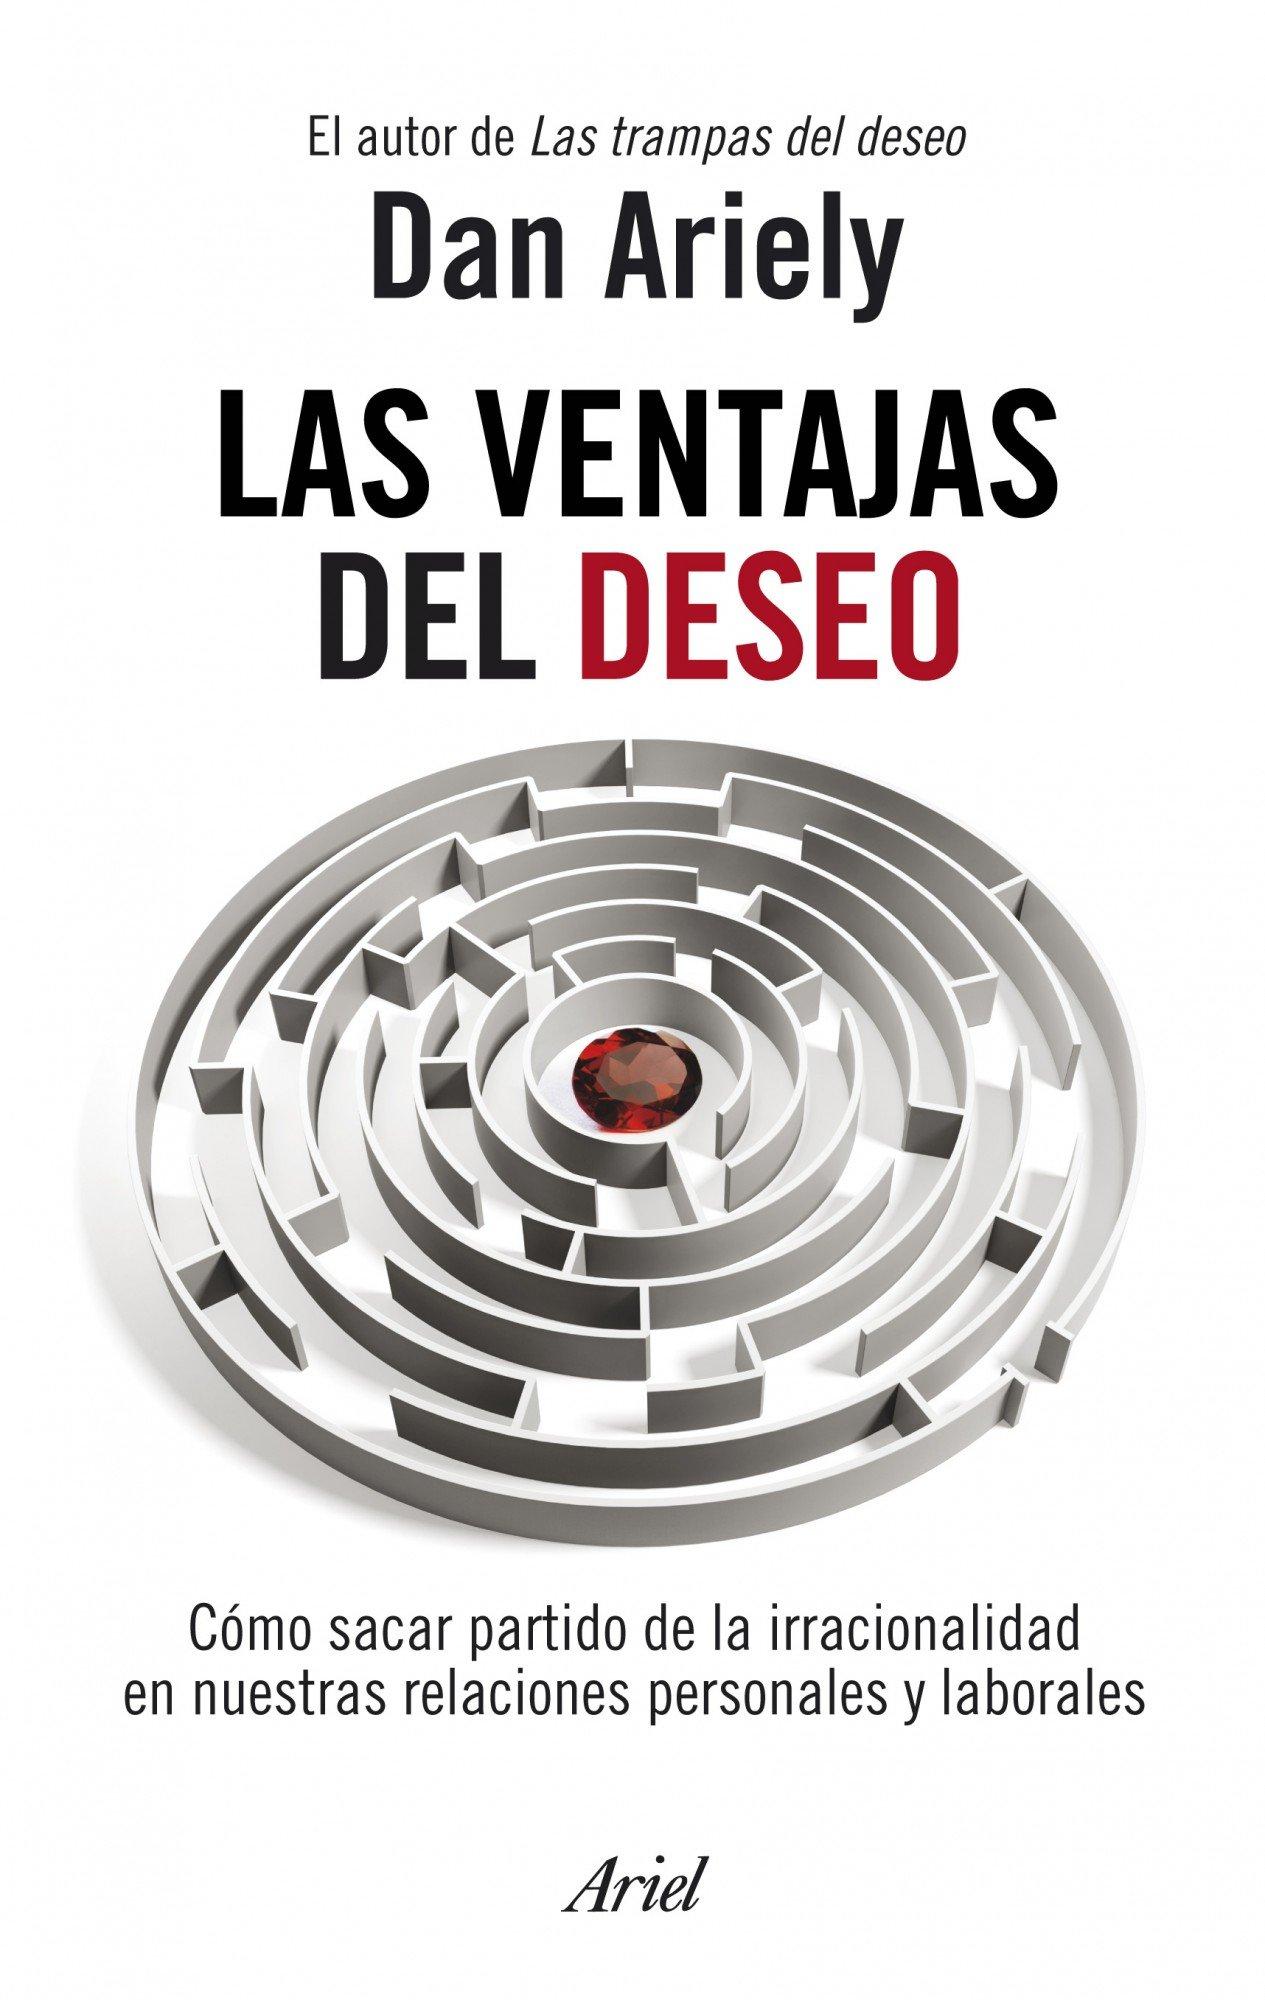 Las ventajas del deseo. Como sacar partido de la irracionalidad en nuestras relaciones personales y laborales (Spanish Edition): Dan Ariely: 9788434469686: ...